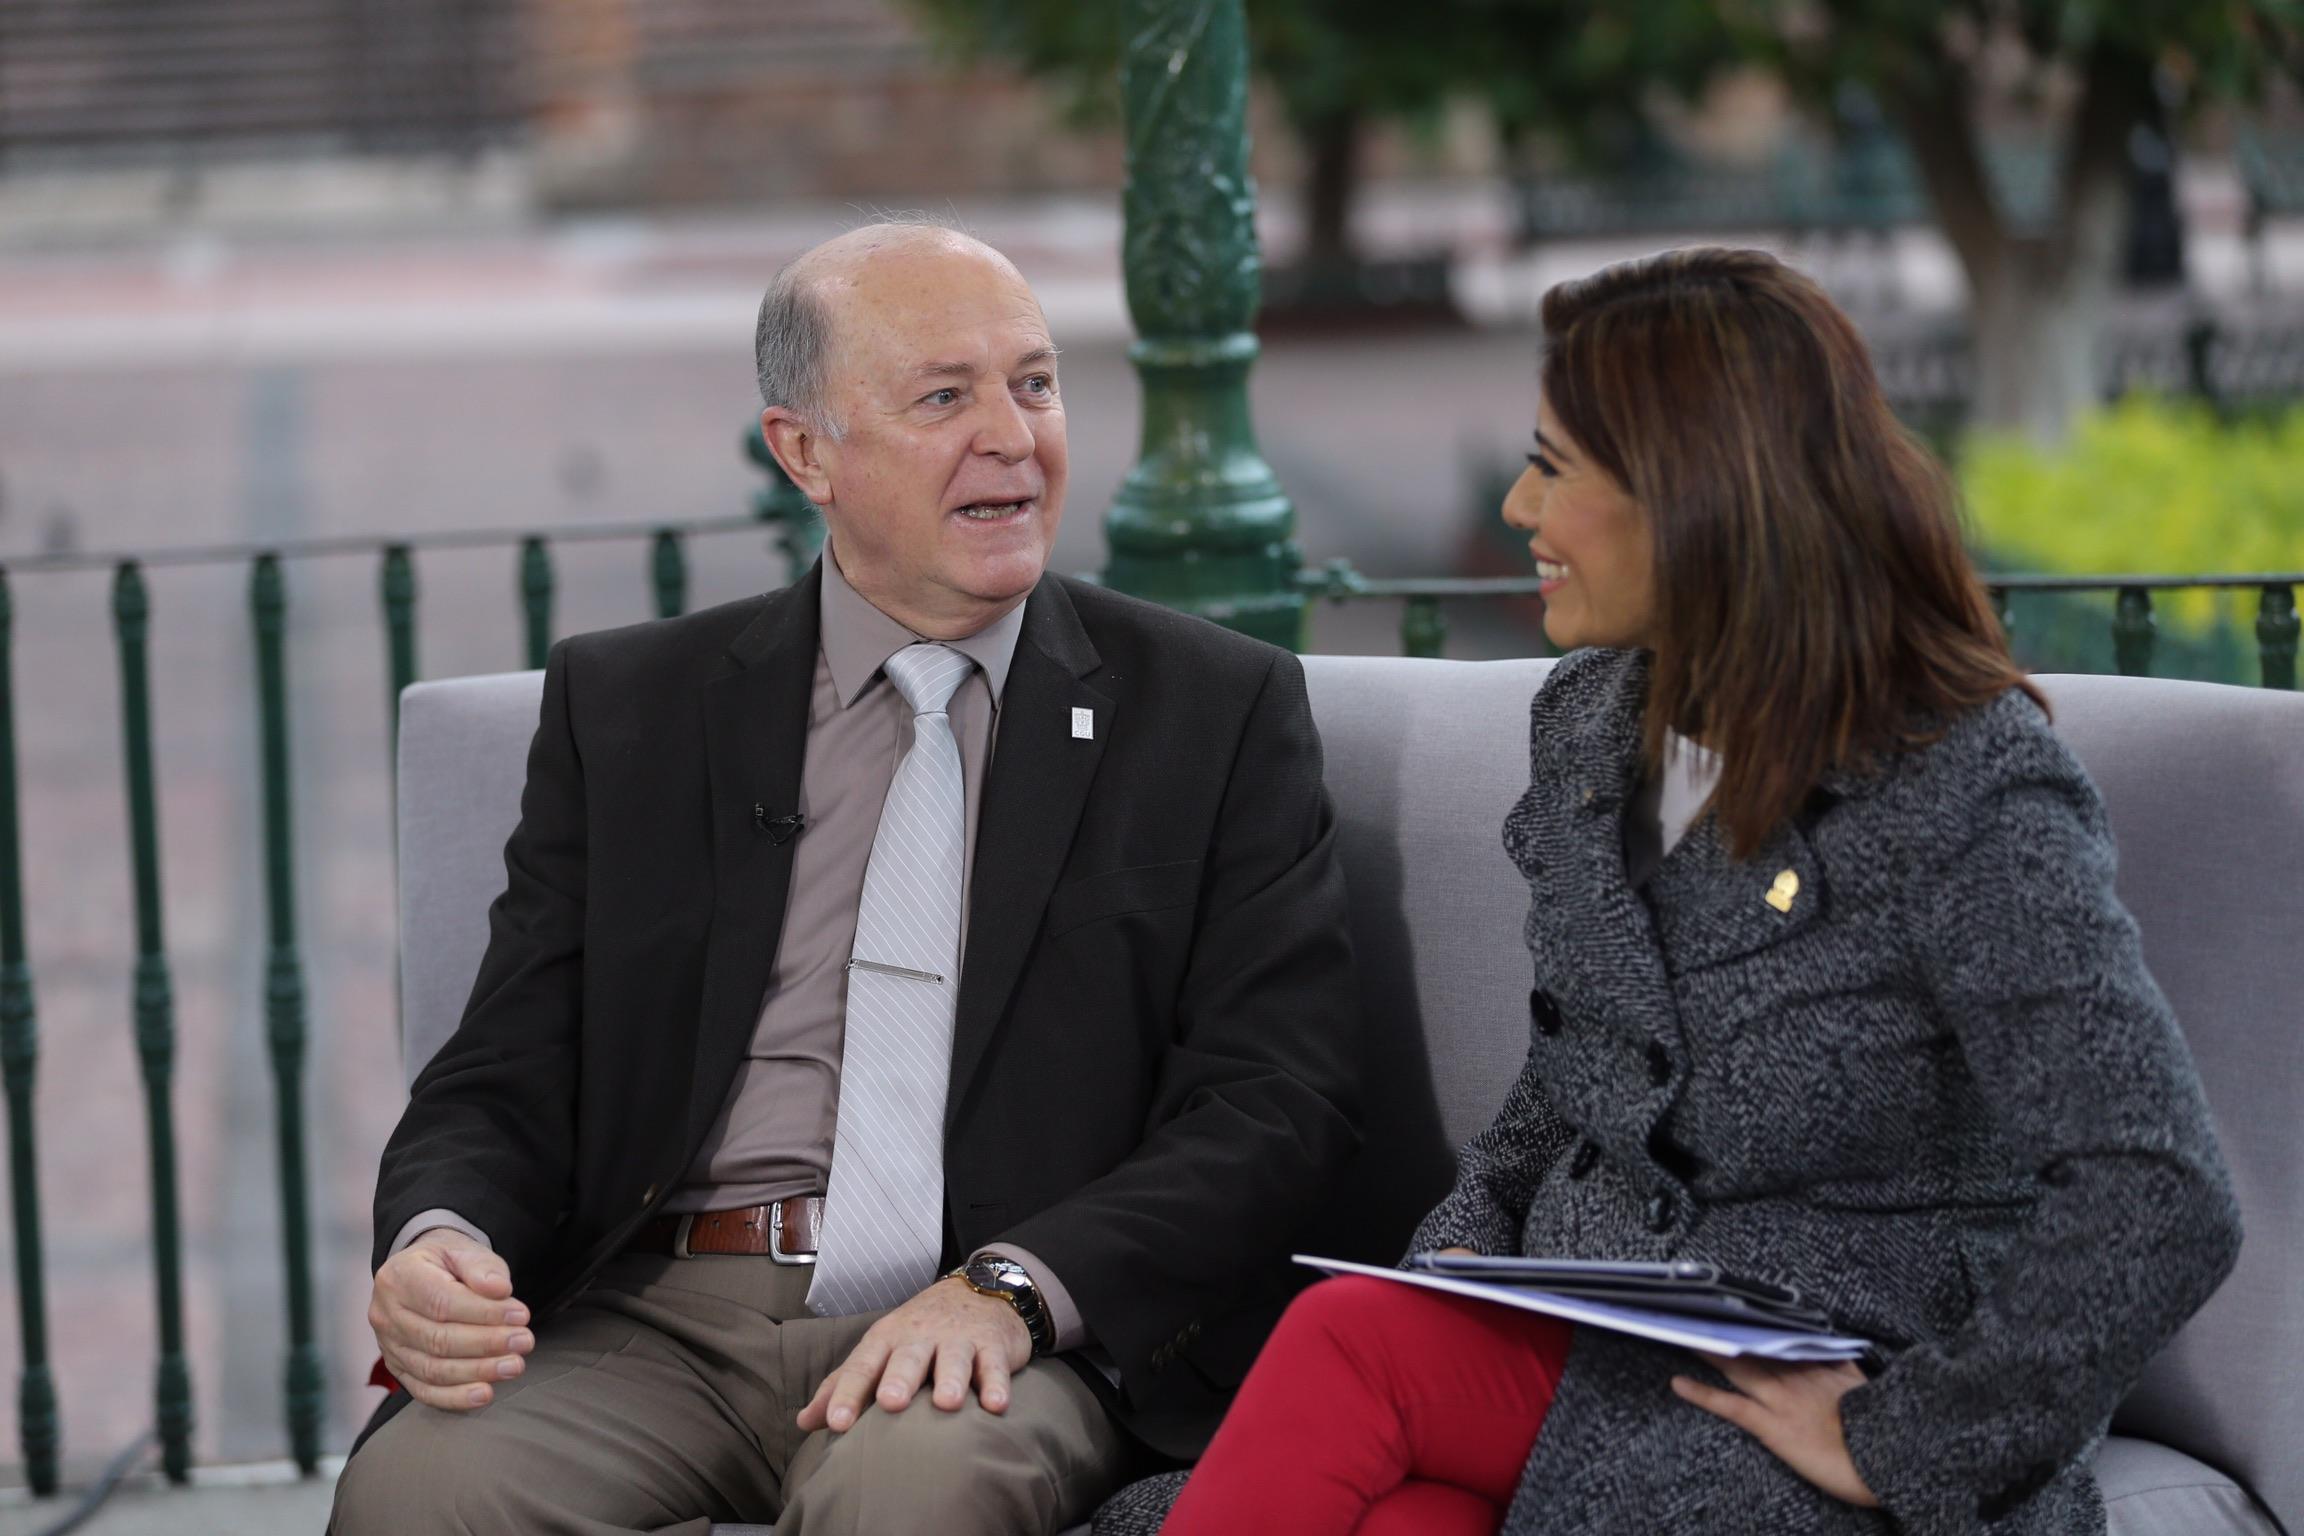 Rector de la UdeG, doctor Miguel Ángel Navarro Navarro, siendo entrevistado para el noticiario Señal informativa, en la plaza principal de Lagos de Moreno